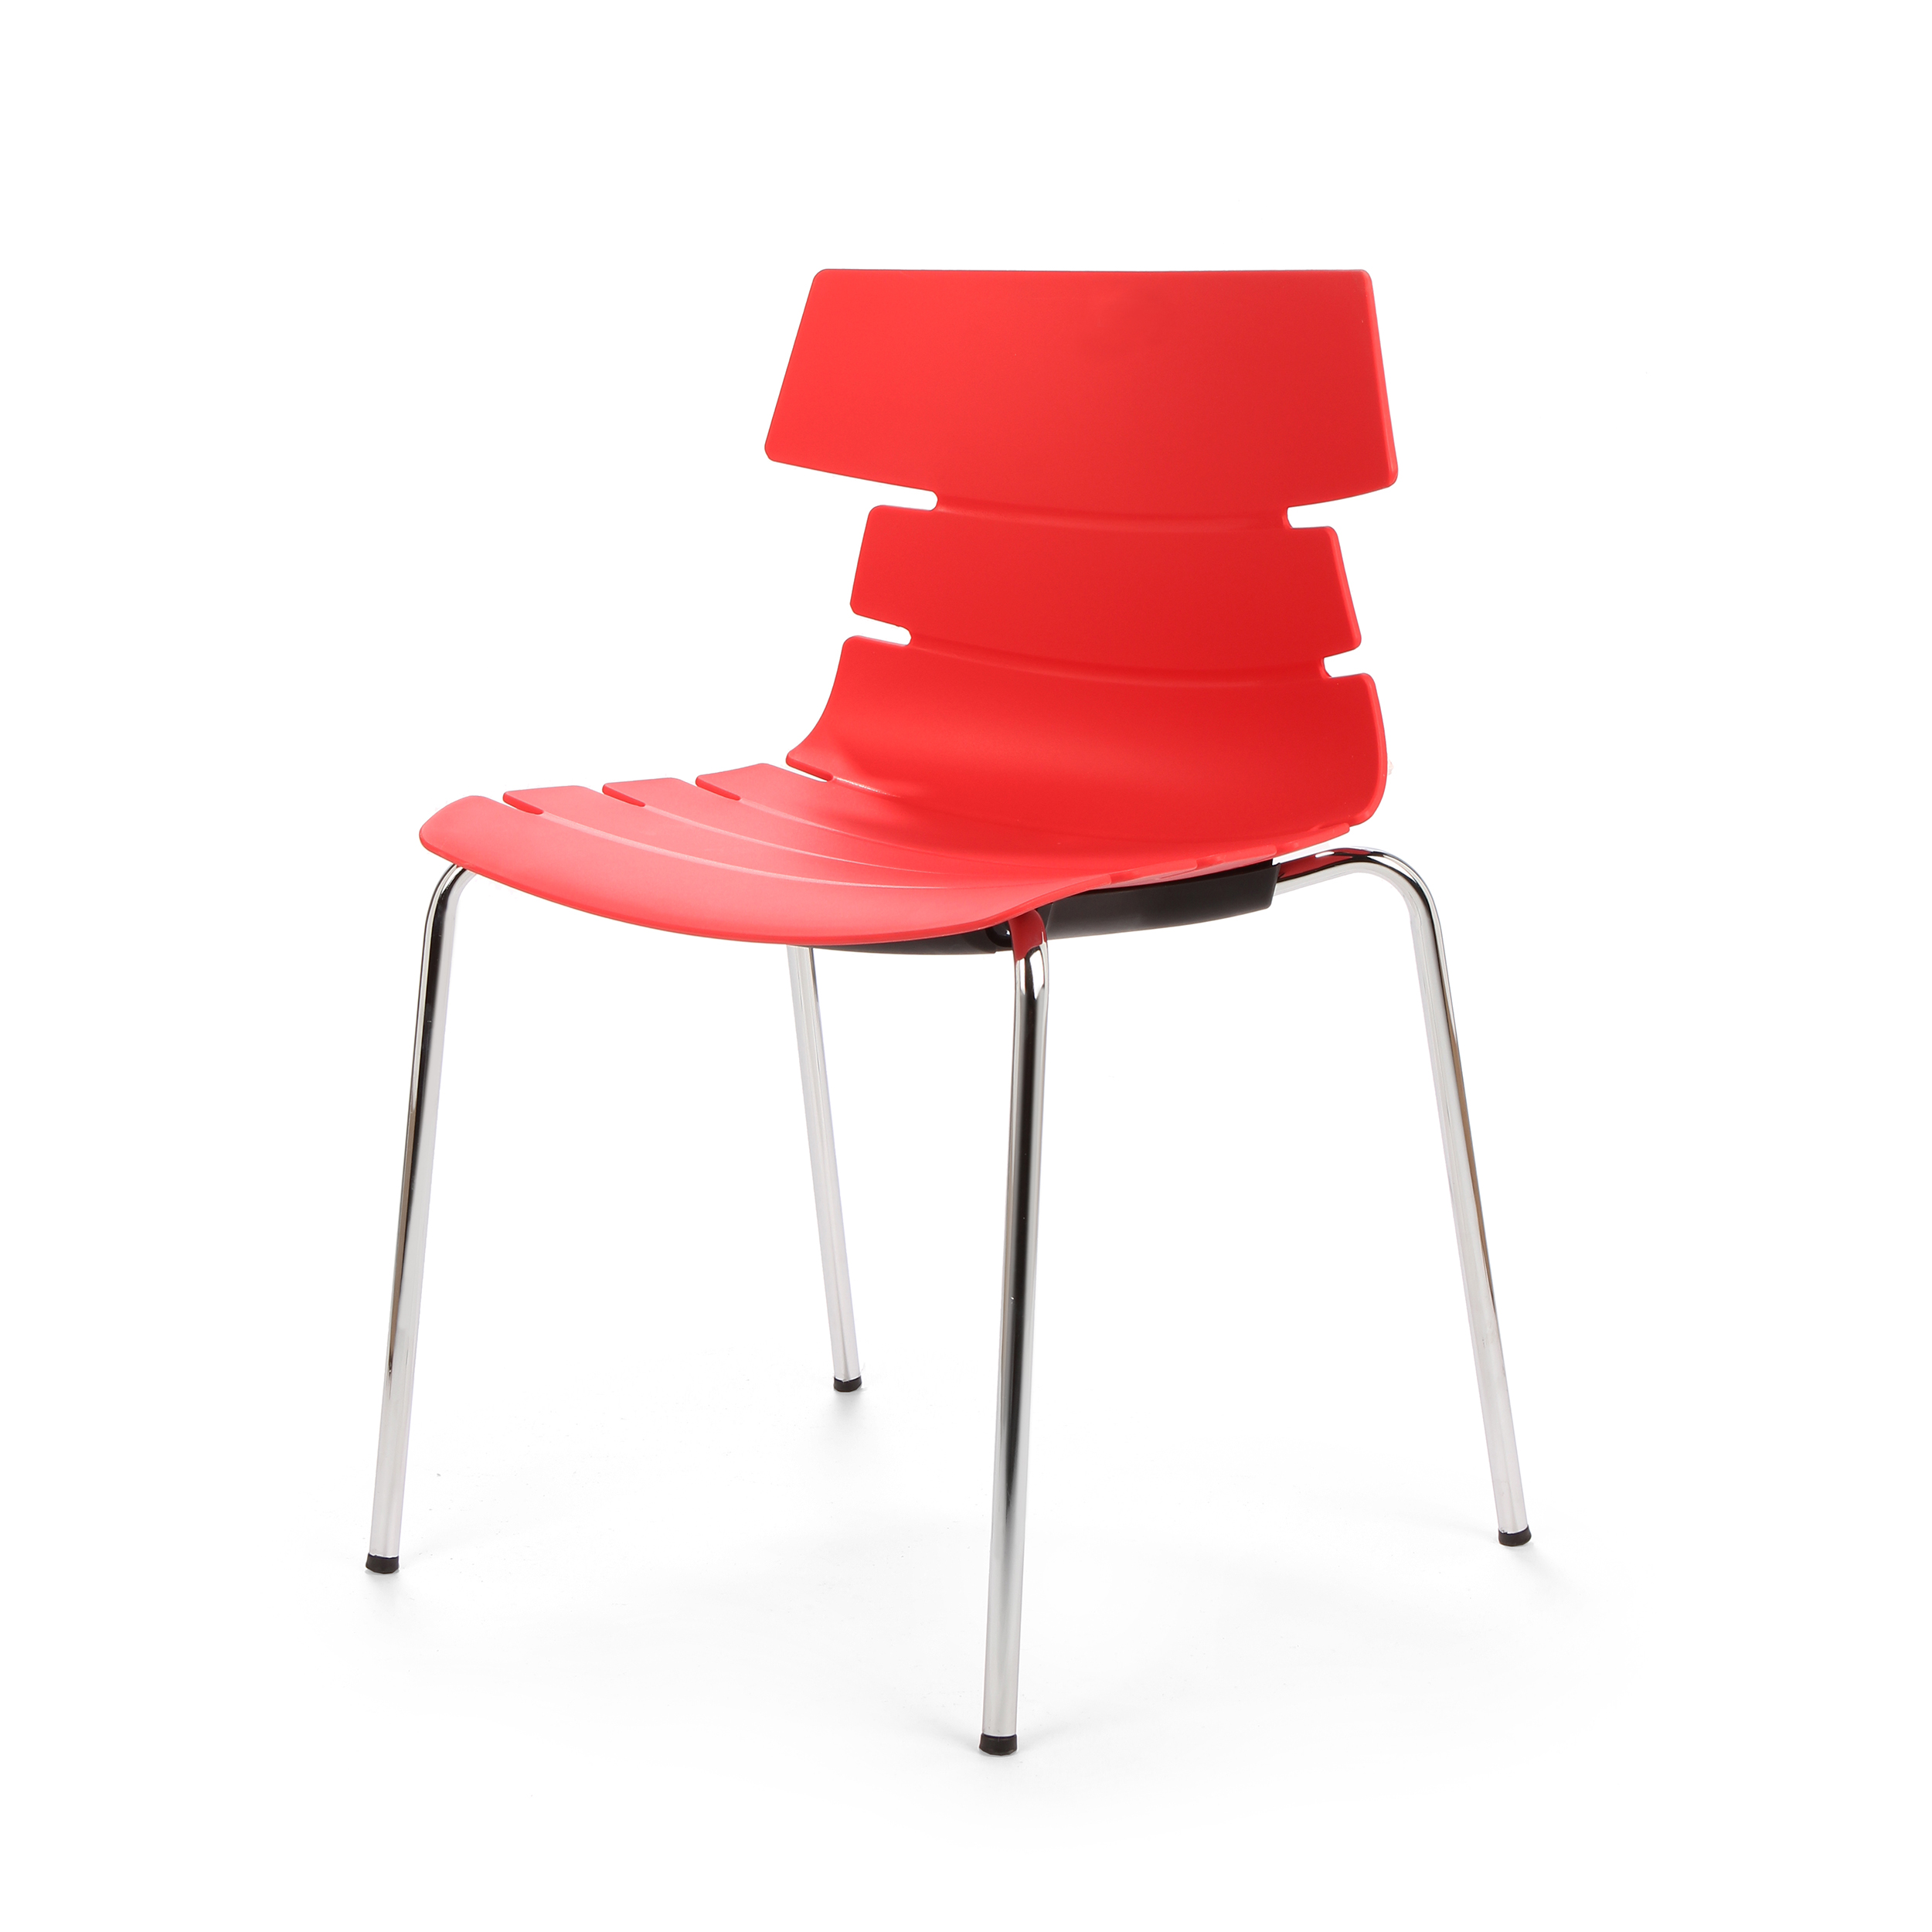 Стул BreakoutИнтерьерные<br>Дизайнерский креативный минималистичный пластиковый стул Breakout (Брэкаут) на тонких металлических ножках от Cosmo (Космо).<br><br>     С одной стороны, стул Breakout — прямой наследник минималистической традиции, которая не терпит излишеств и отсекает все лишнее в пользу функциональности и чистоты линий. С другой — необычная форма стула, напоминающая хребет неизвестного животного, расширяет возможности его использования в интерьерах различных стилей.<br><br><br>     Благодаря своей компактности, легк...<br><br>stock: 0<br>Высота: 81<br>Высота сиденья: 45<br>Ширина: 51<br>Глубина: 58<br>Цвет ножек: Хром<br>Цвет сидения: Красный<br>Тип материала сидения: Полипропилен<br>Тип материала ножек: Сталь нержавеющая